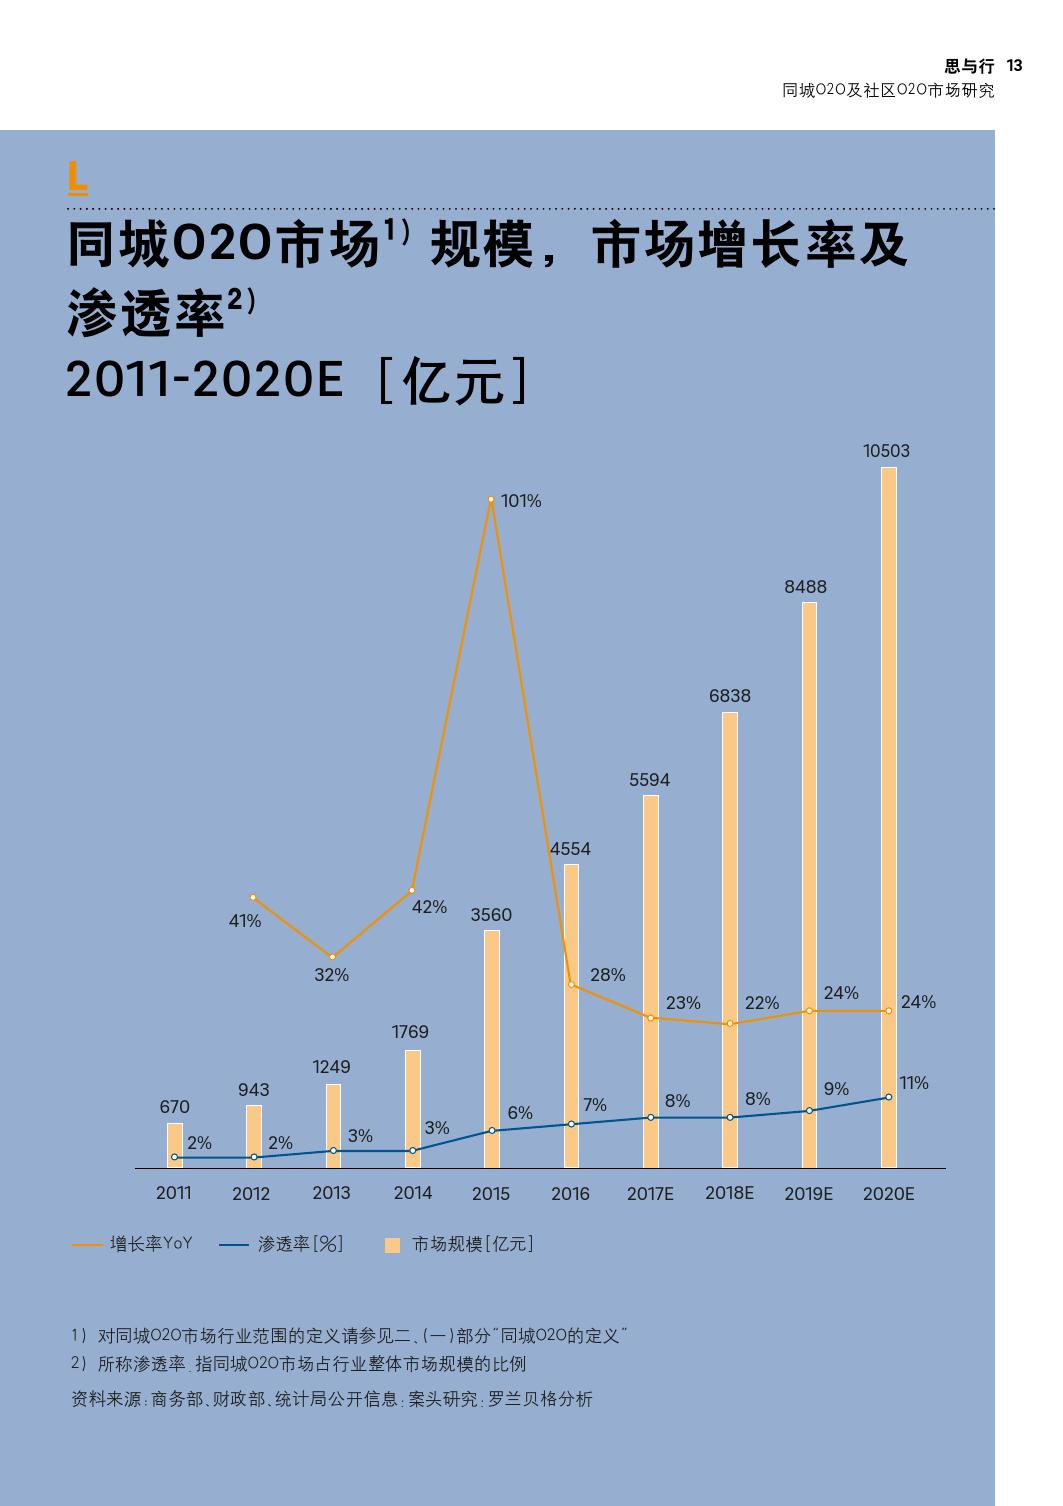 同城O2O及社区O2O市场研究_000013